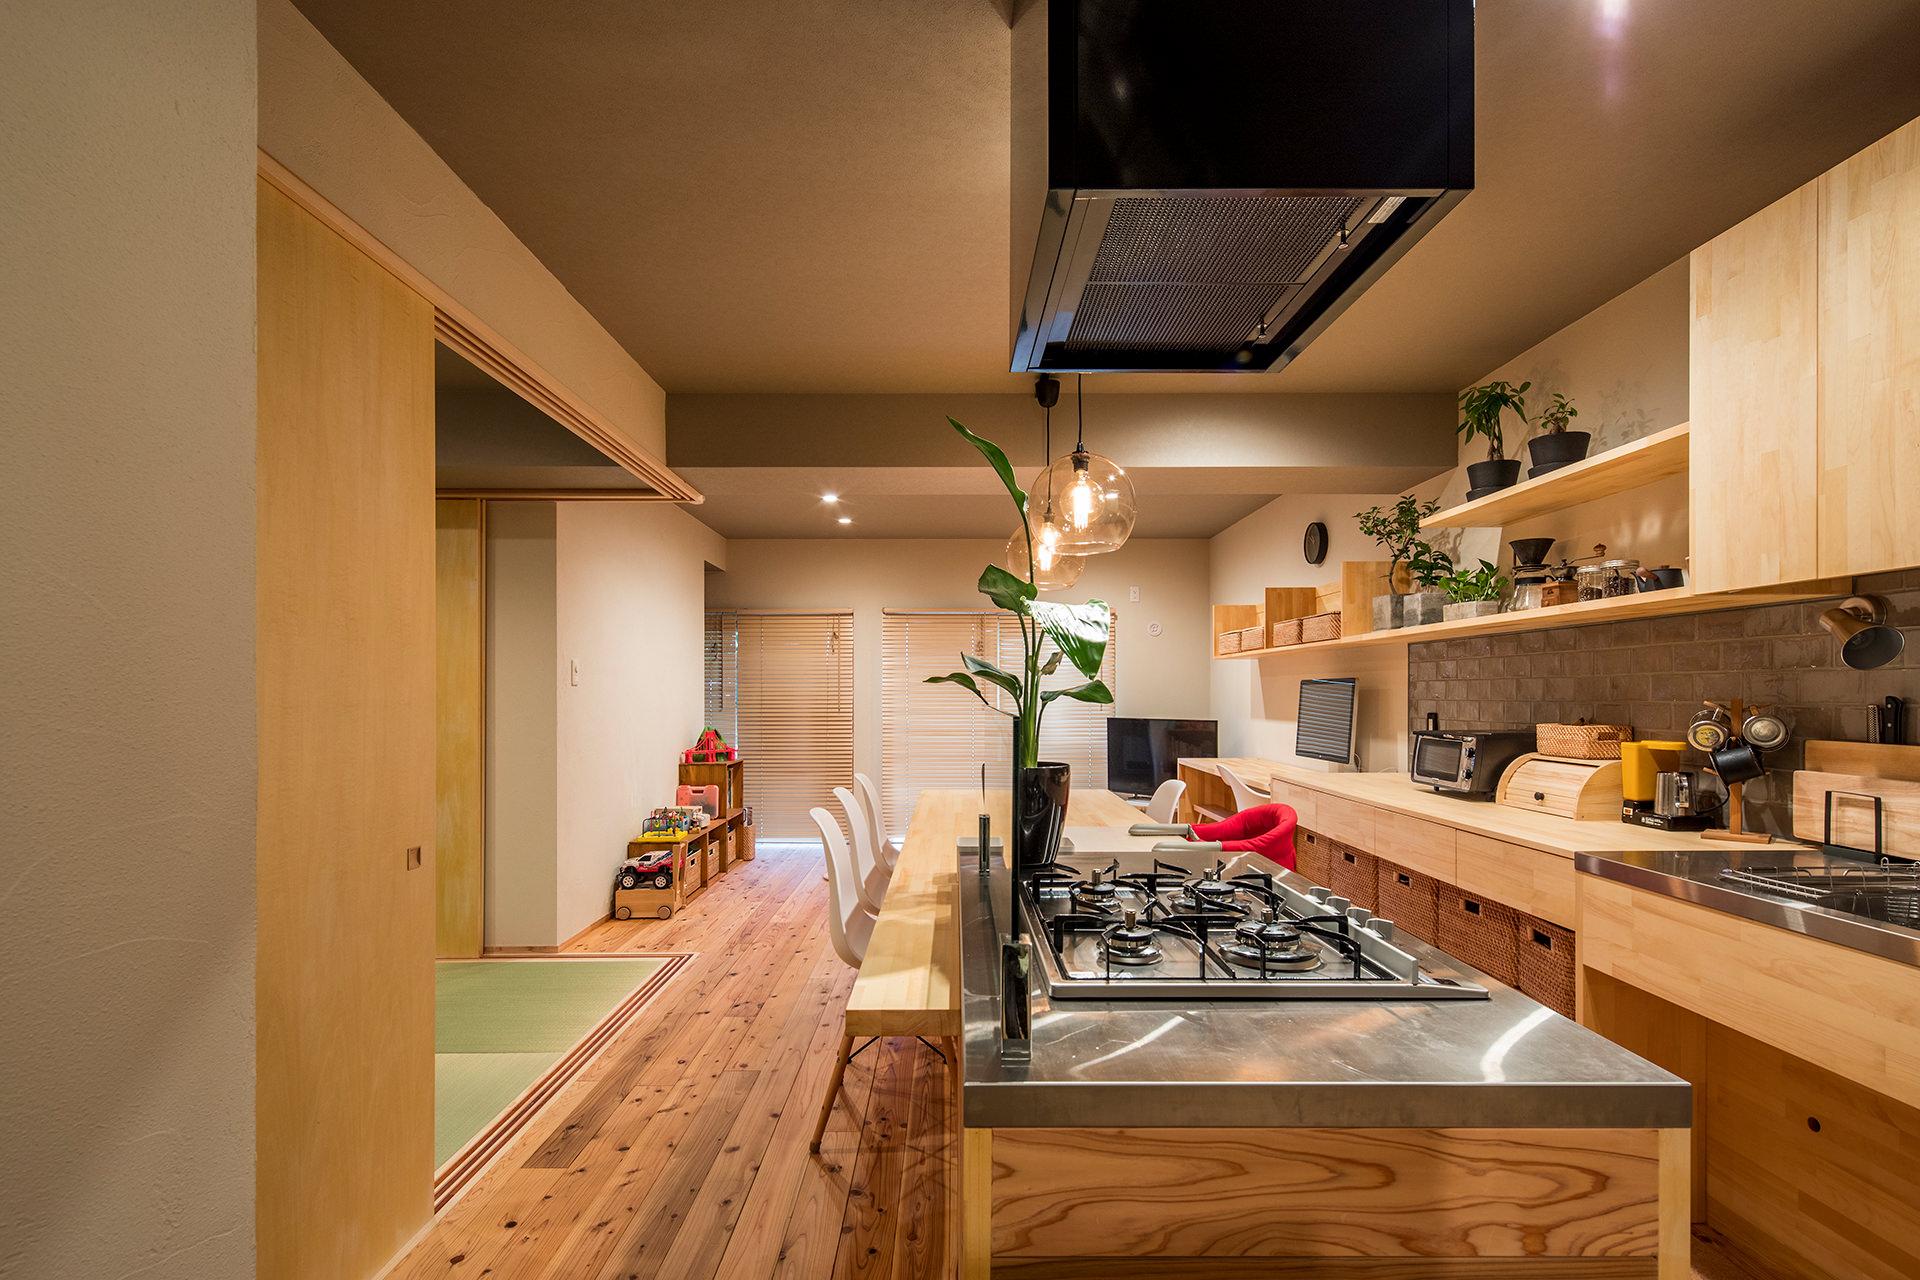 「アイランドキッチンと広々LDKの暮らしを愉しむ家」イメージ01 撮影:東涌宏和